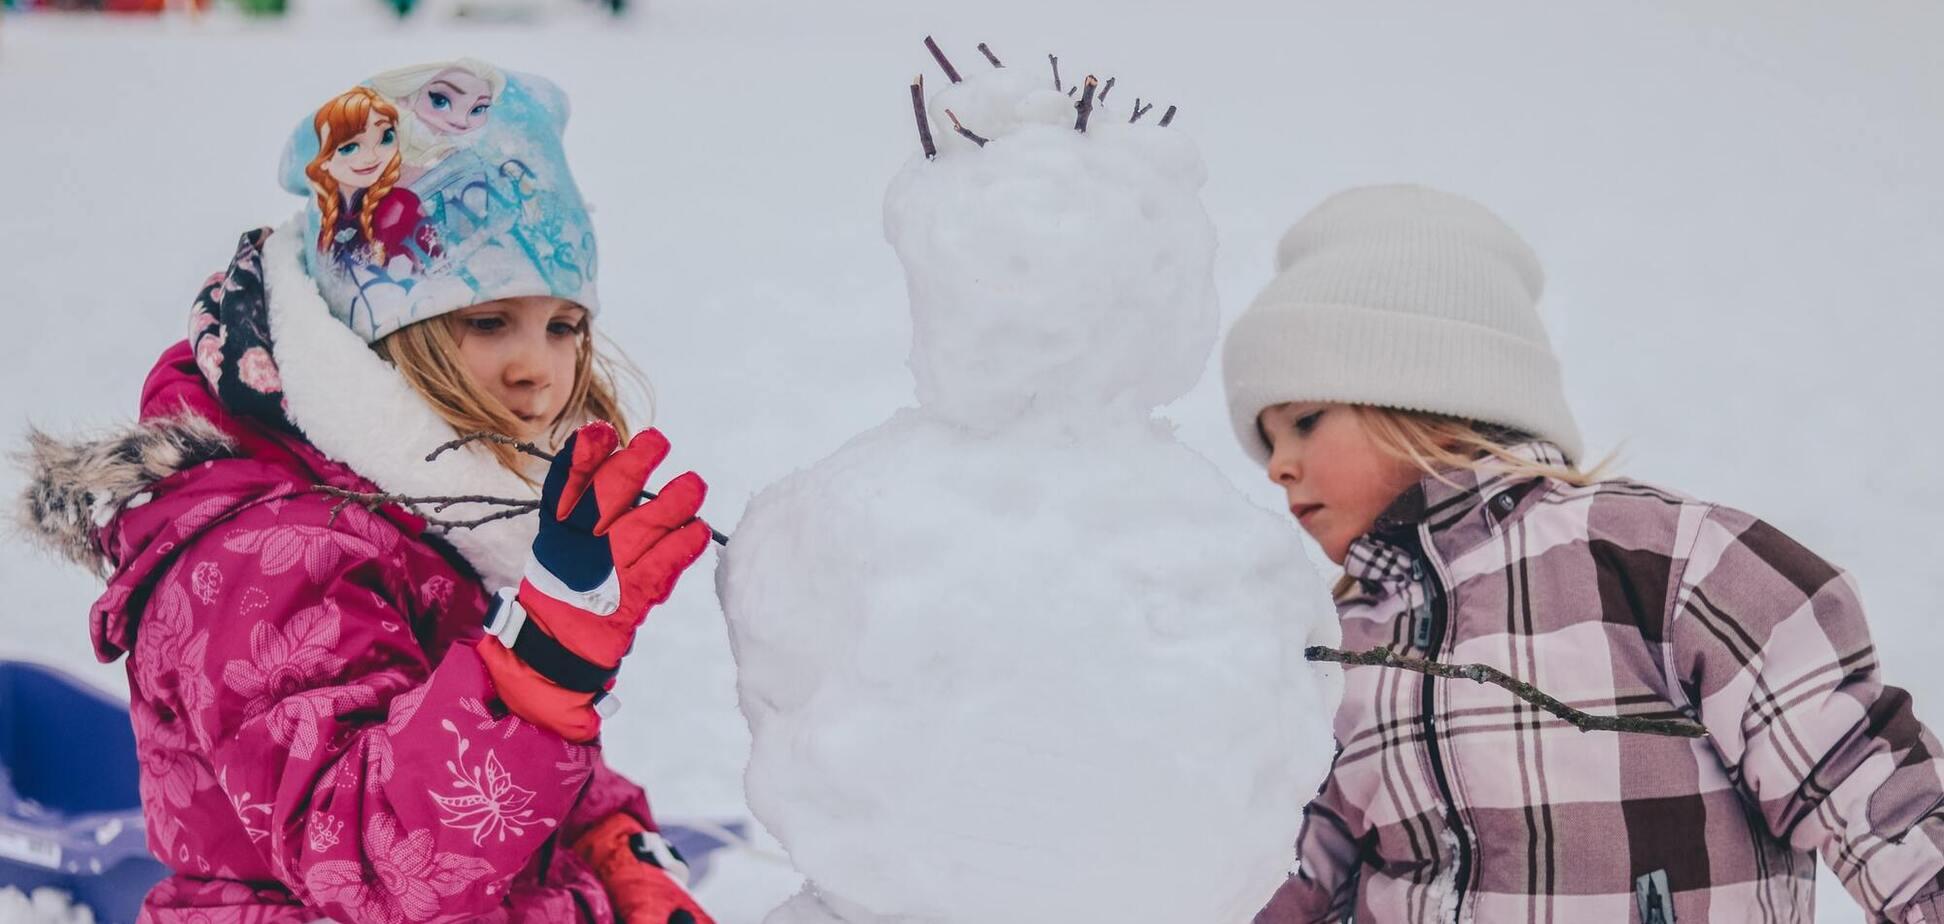 Початок зимових канікул випадає на п'ятницю, 25 грудня